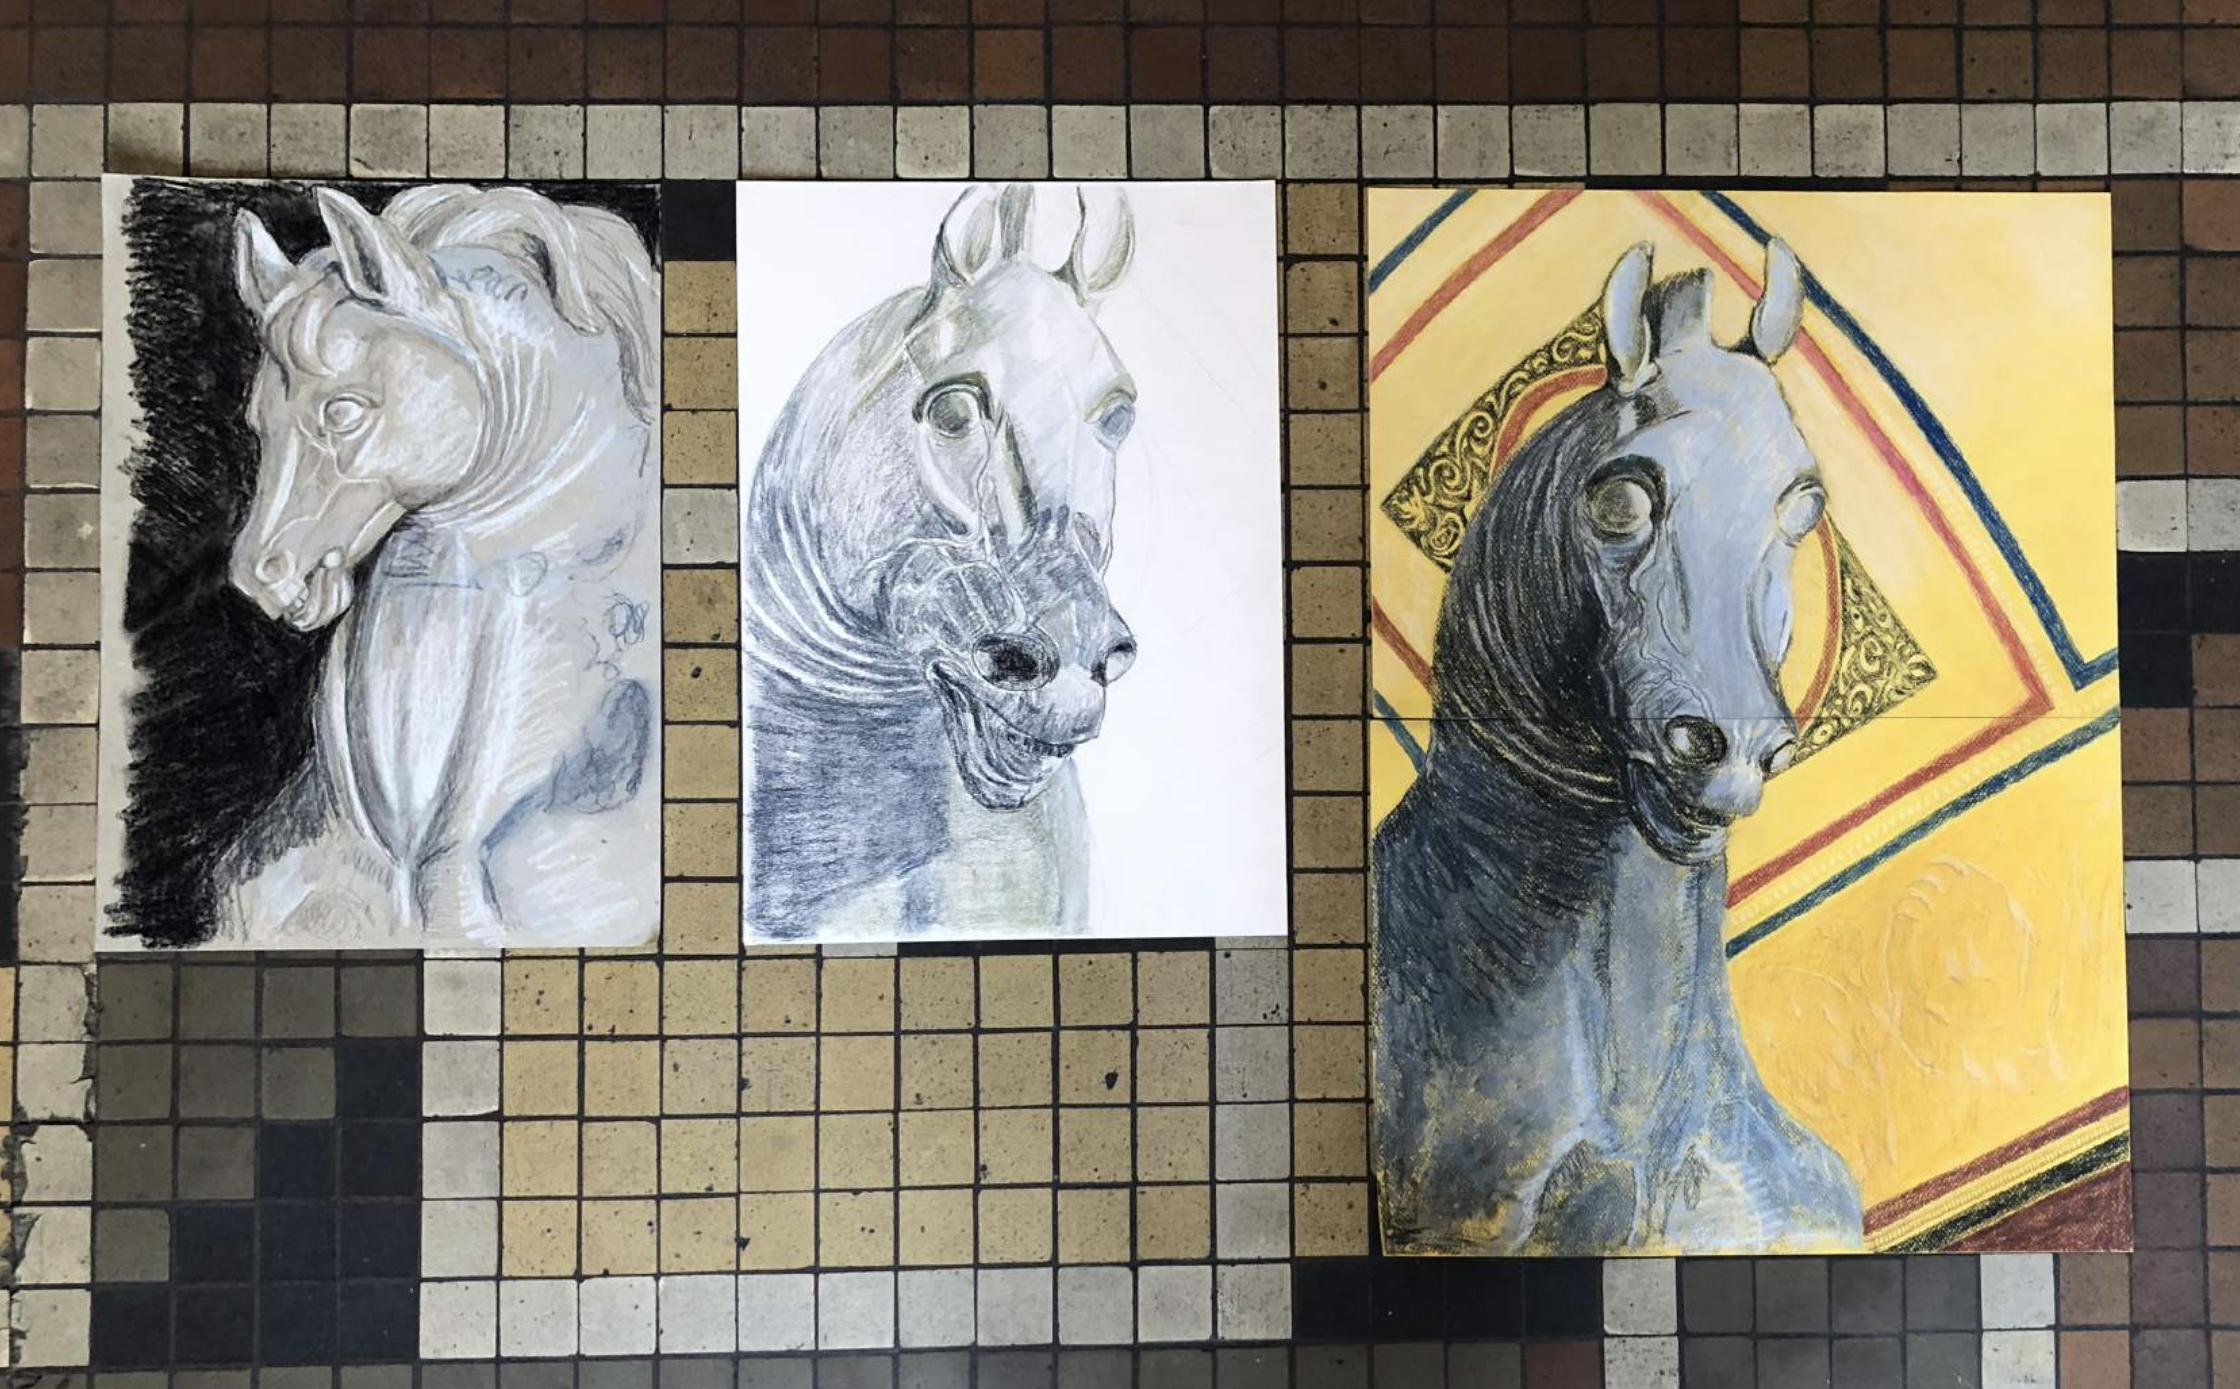 Tre Tegninger Af Hestehoved Fra Skulptur Af Bertel Thorvaldsen